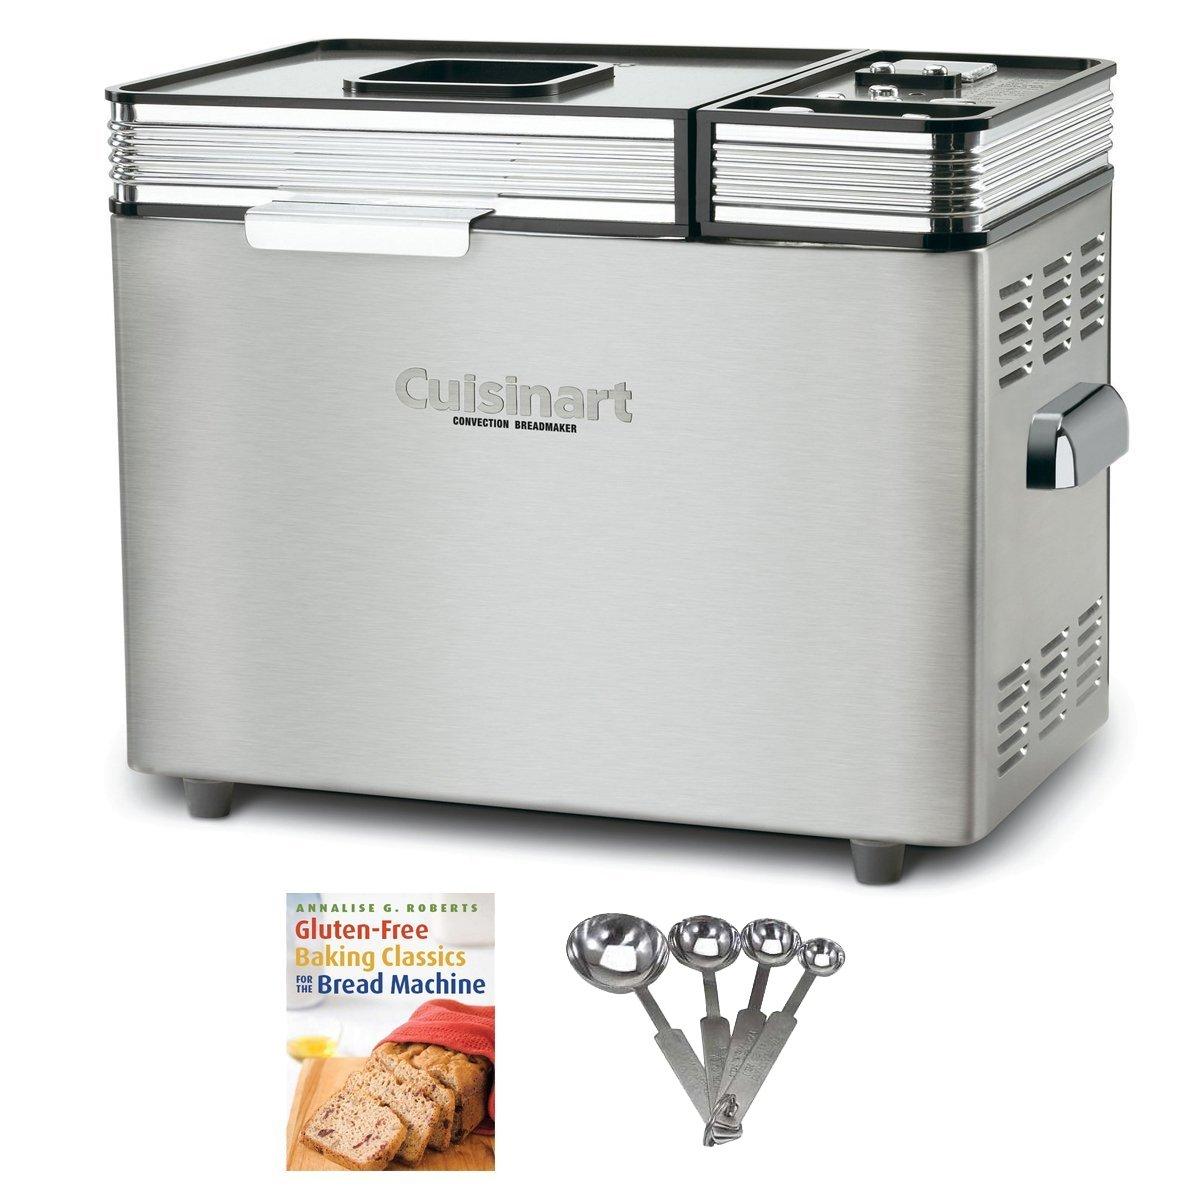 Cuisinart CBK200 2-Pounds Convection Automatic Breadmaker plus Accessory Bundle